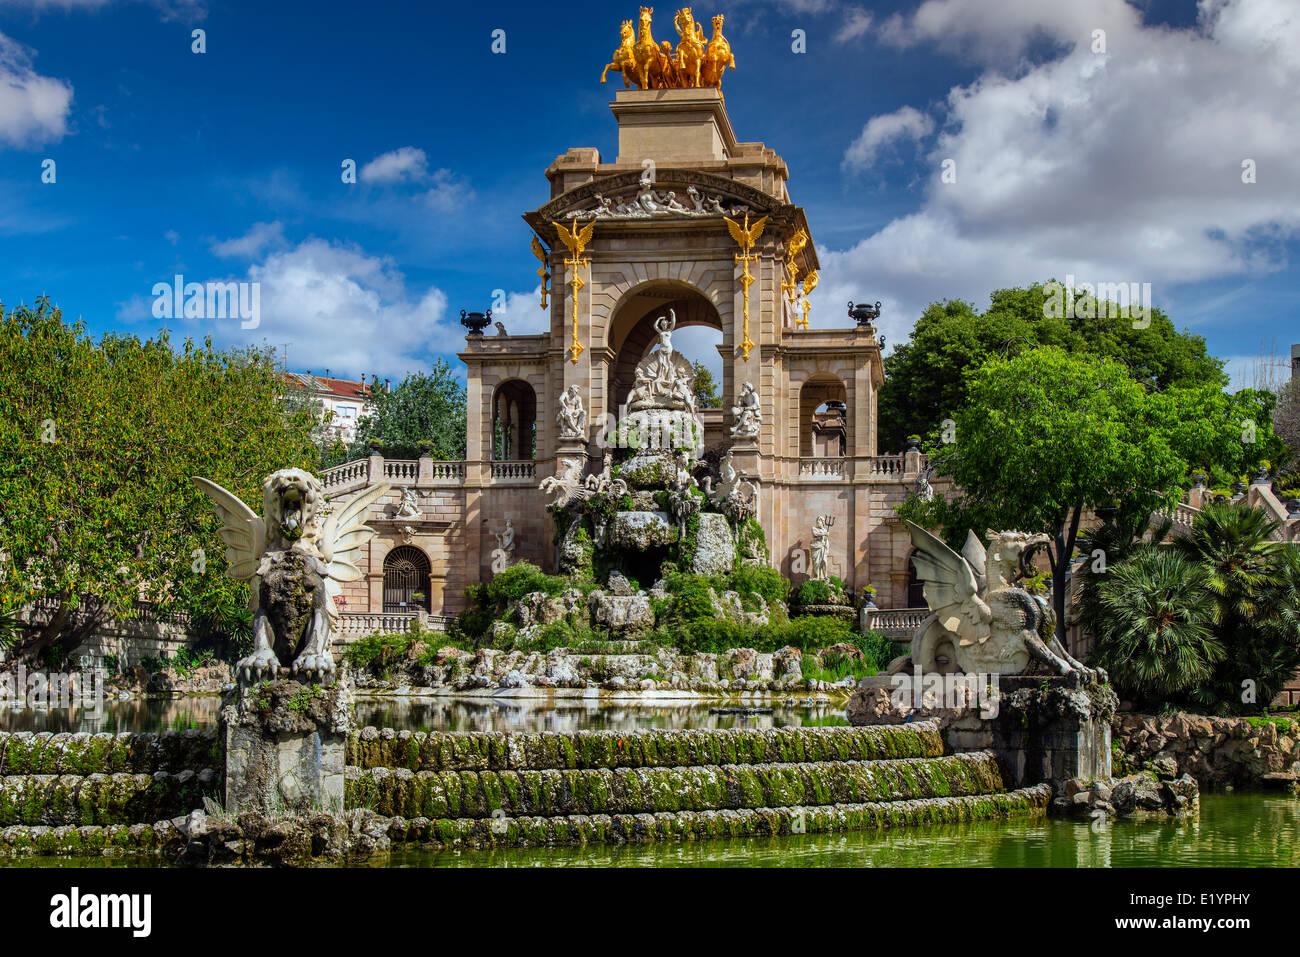 Fuente con cascada en el Parc de la Ciutadella o el Parque de la Ciutadella, Barcelona, Cataluña, España Imagen De Stock